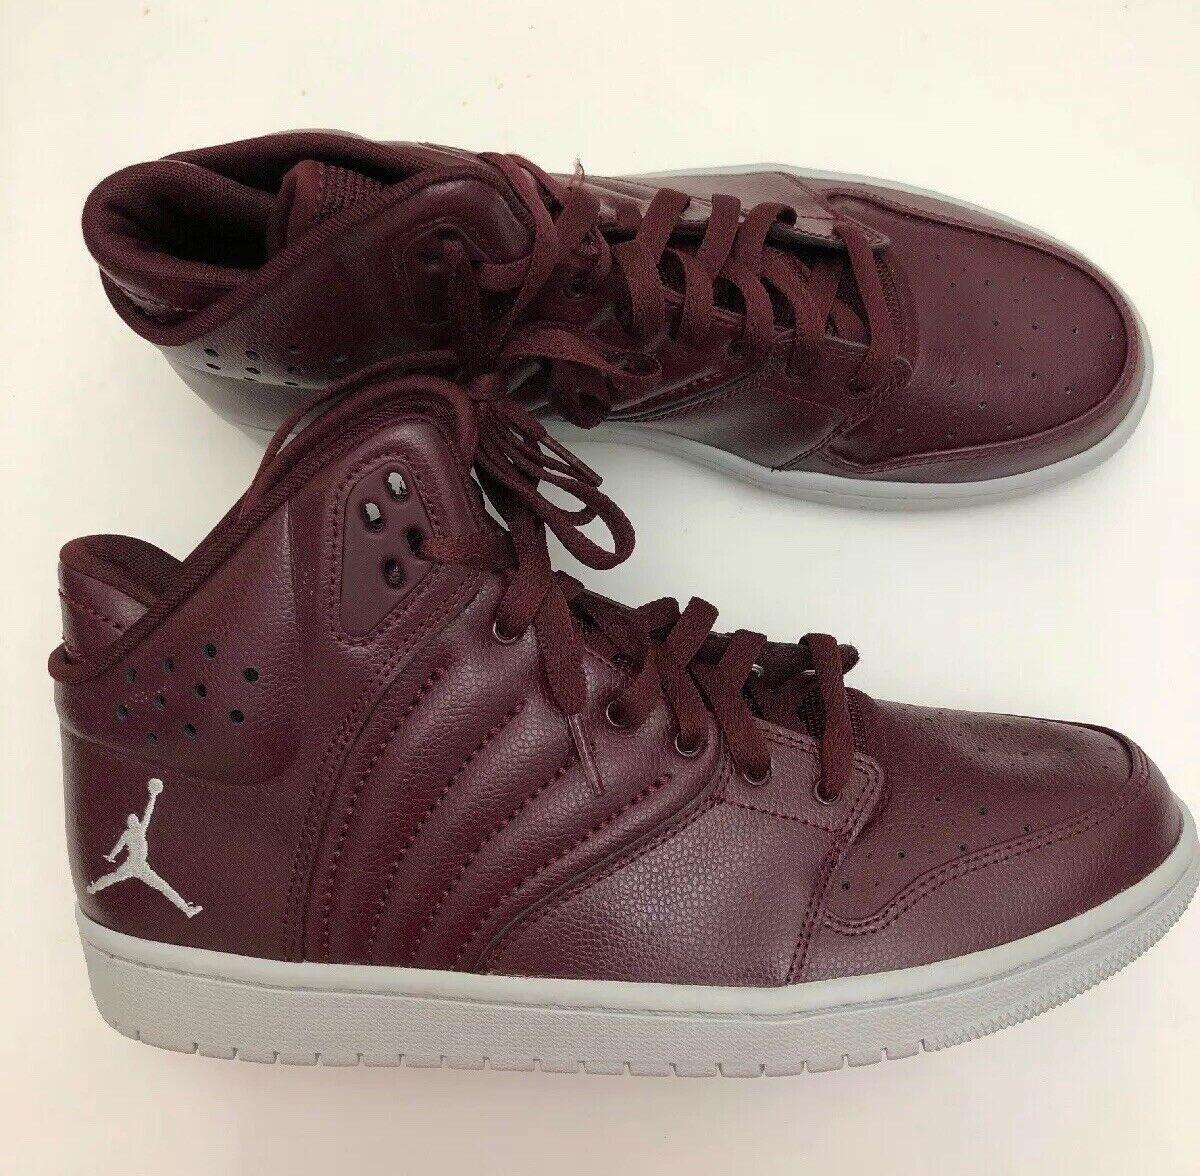 Nike Men's Air Jordan 1 Flight 4 Basketball shoes 820135-600 Night Maroon Sz 11